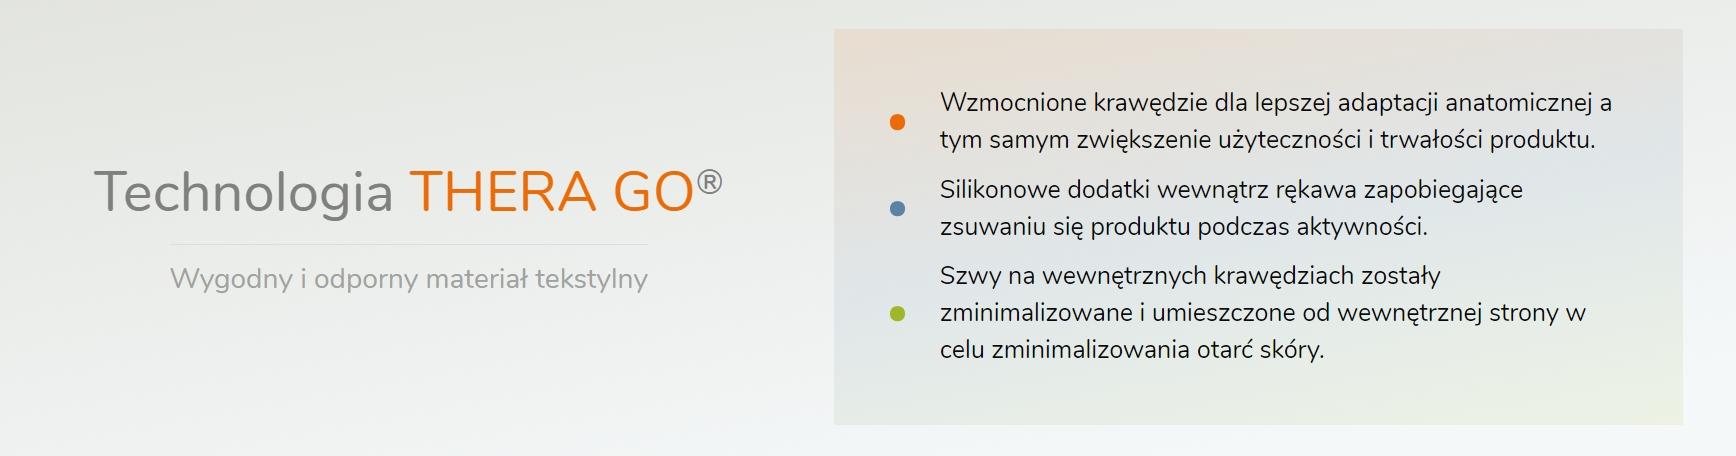 FUNKCJONALNY STABILIZATOR ŁOKCIA Z TAŚMĄ TGO340 Długość ortezy 21 cm